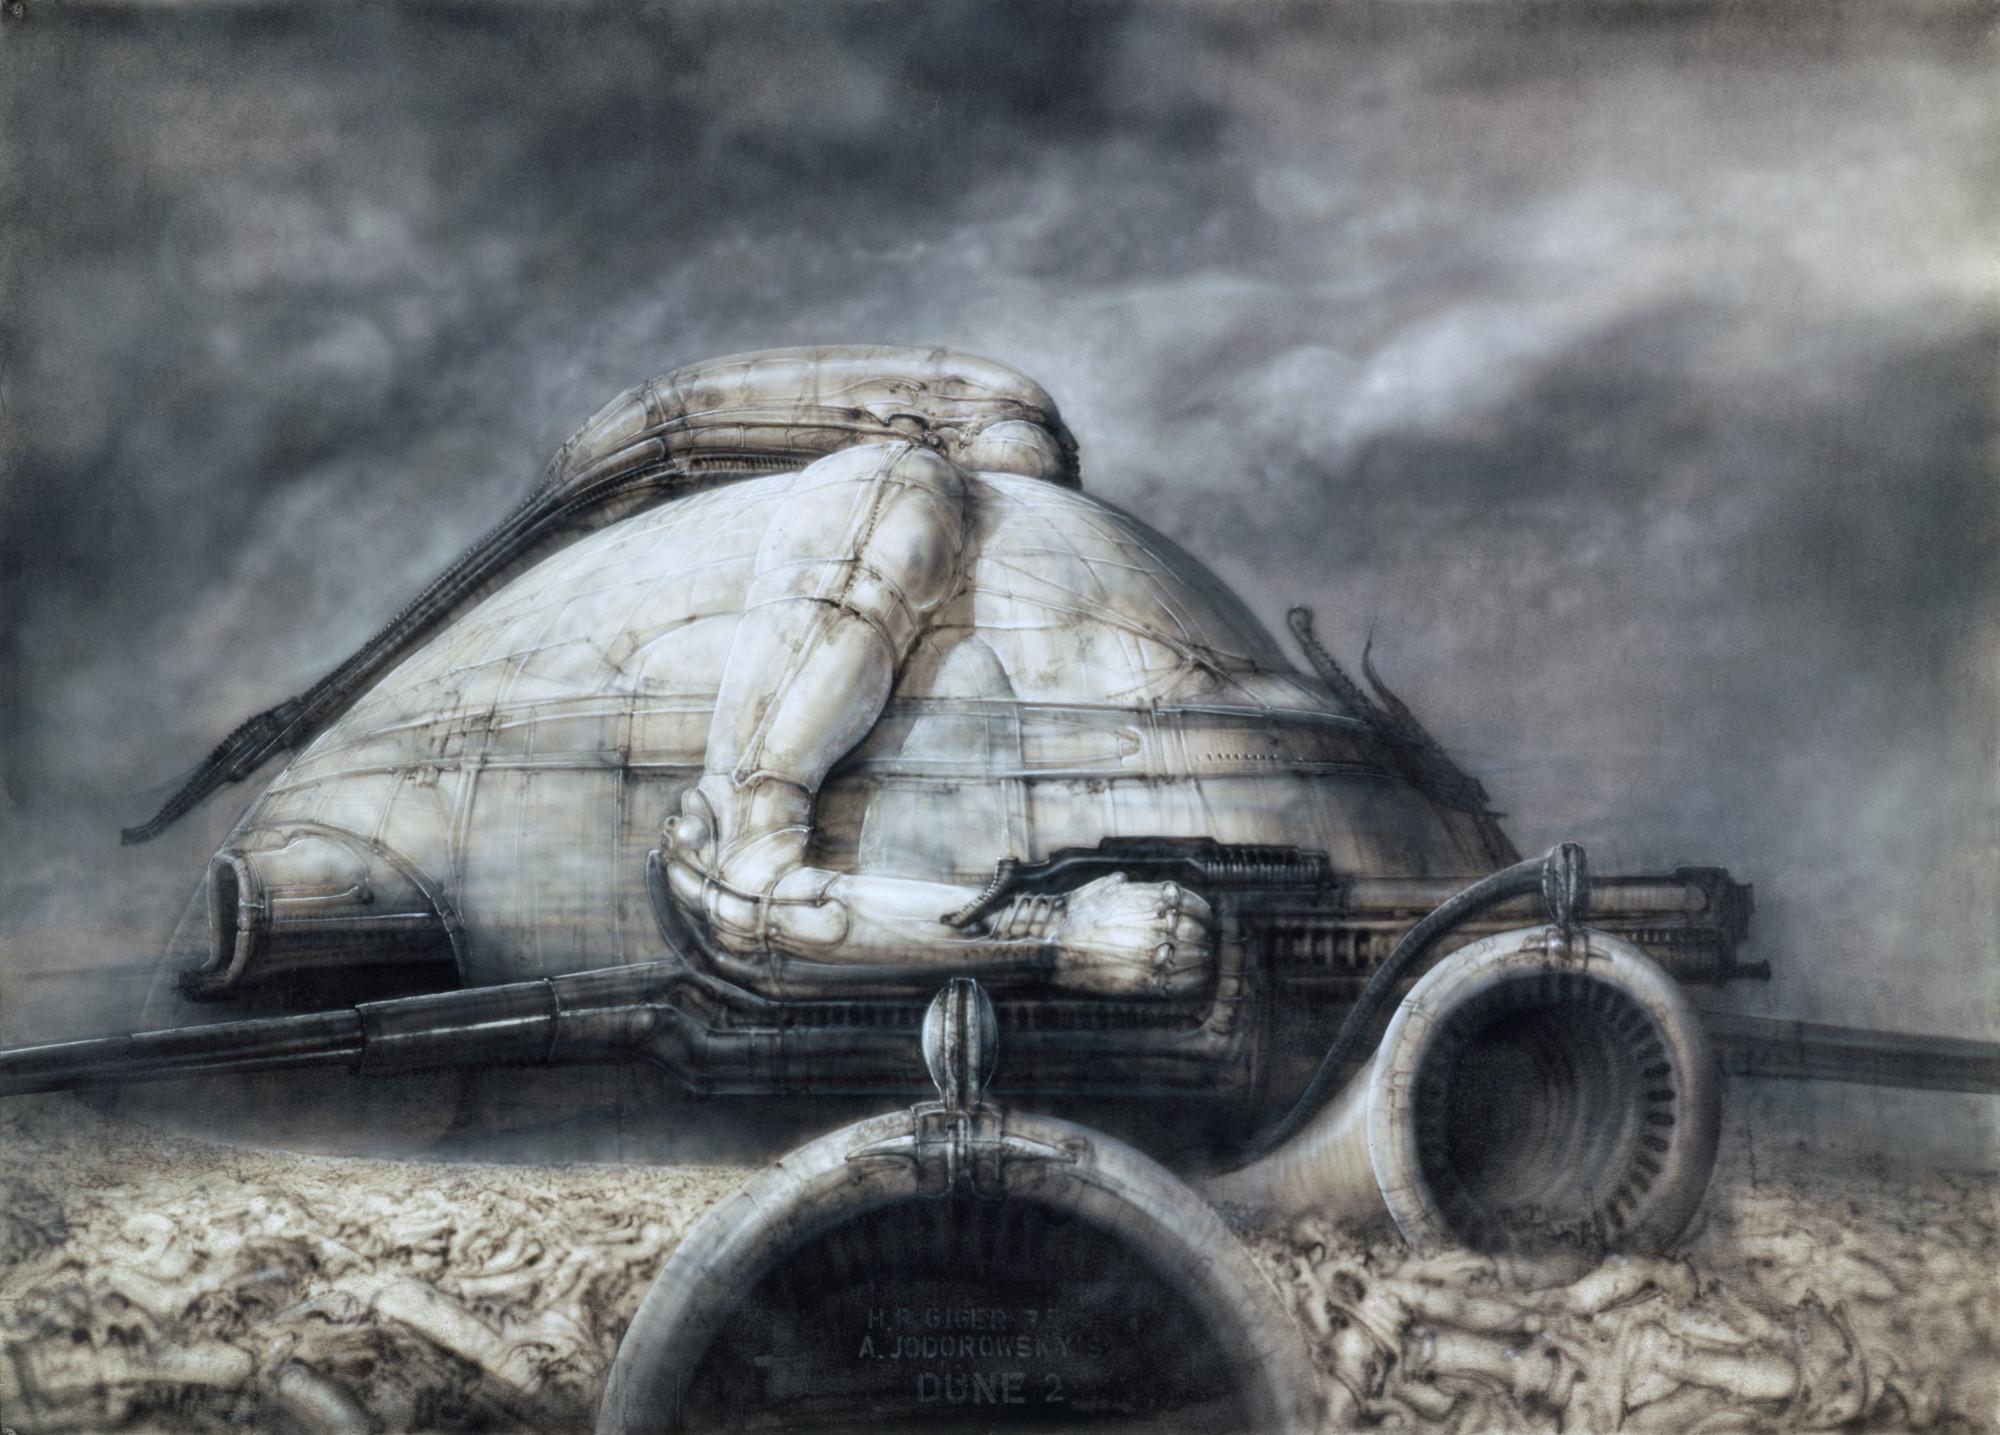 Paisajes biomecánicos: La Arquitectura y el diseño en el imaginario de H.R. Giger, Dune, 1975. Pintura,70×100 cm, acrílico sobre papel . Image Courtesy of Giger Museum